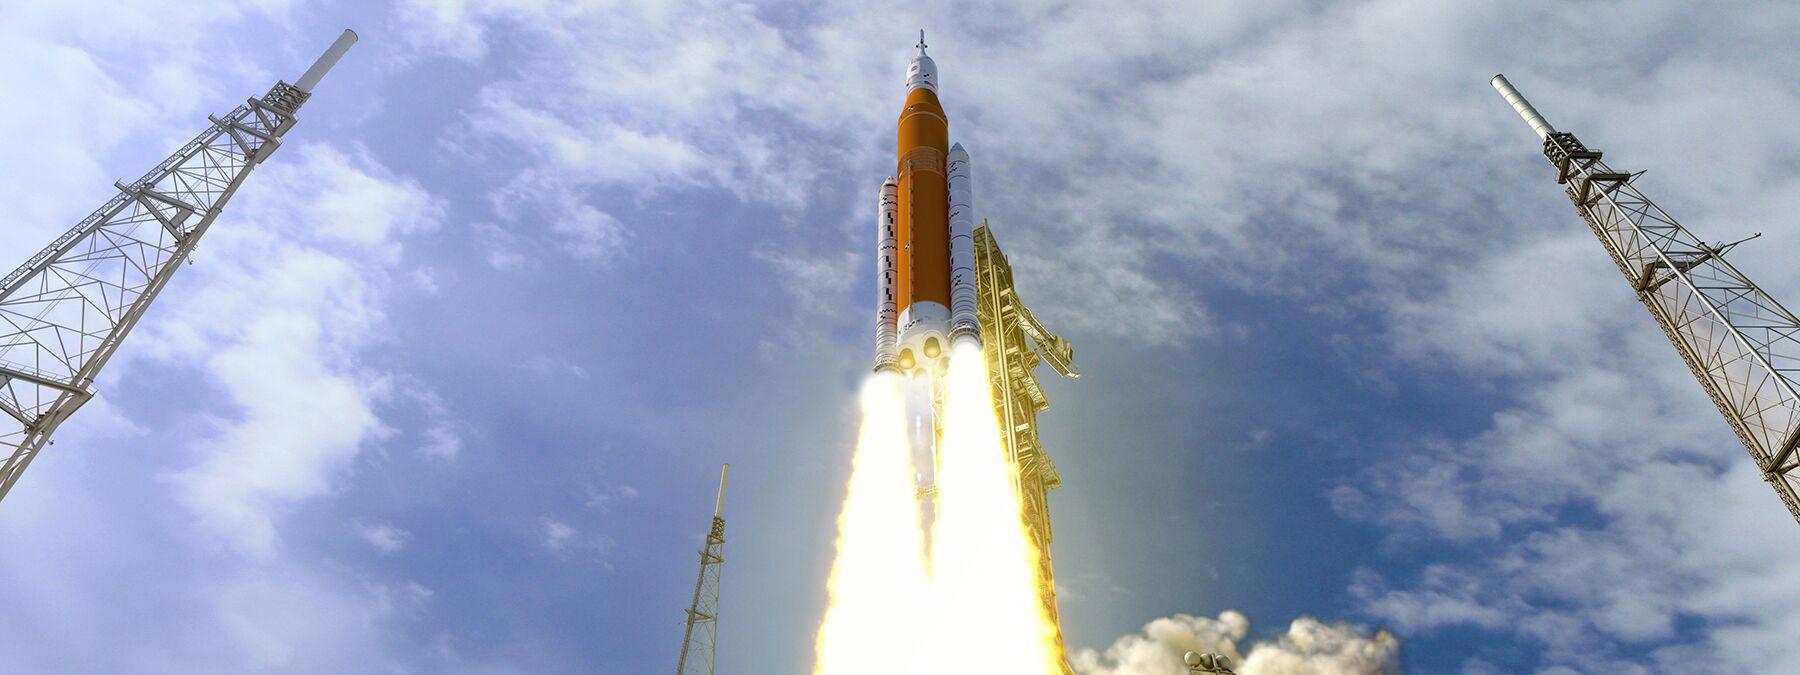 NASA STS rocket launch